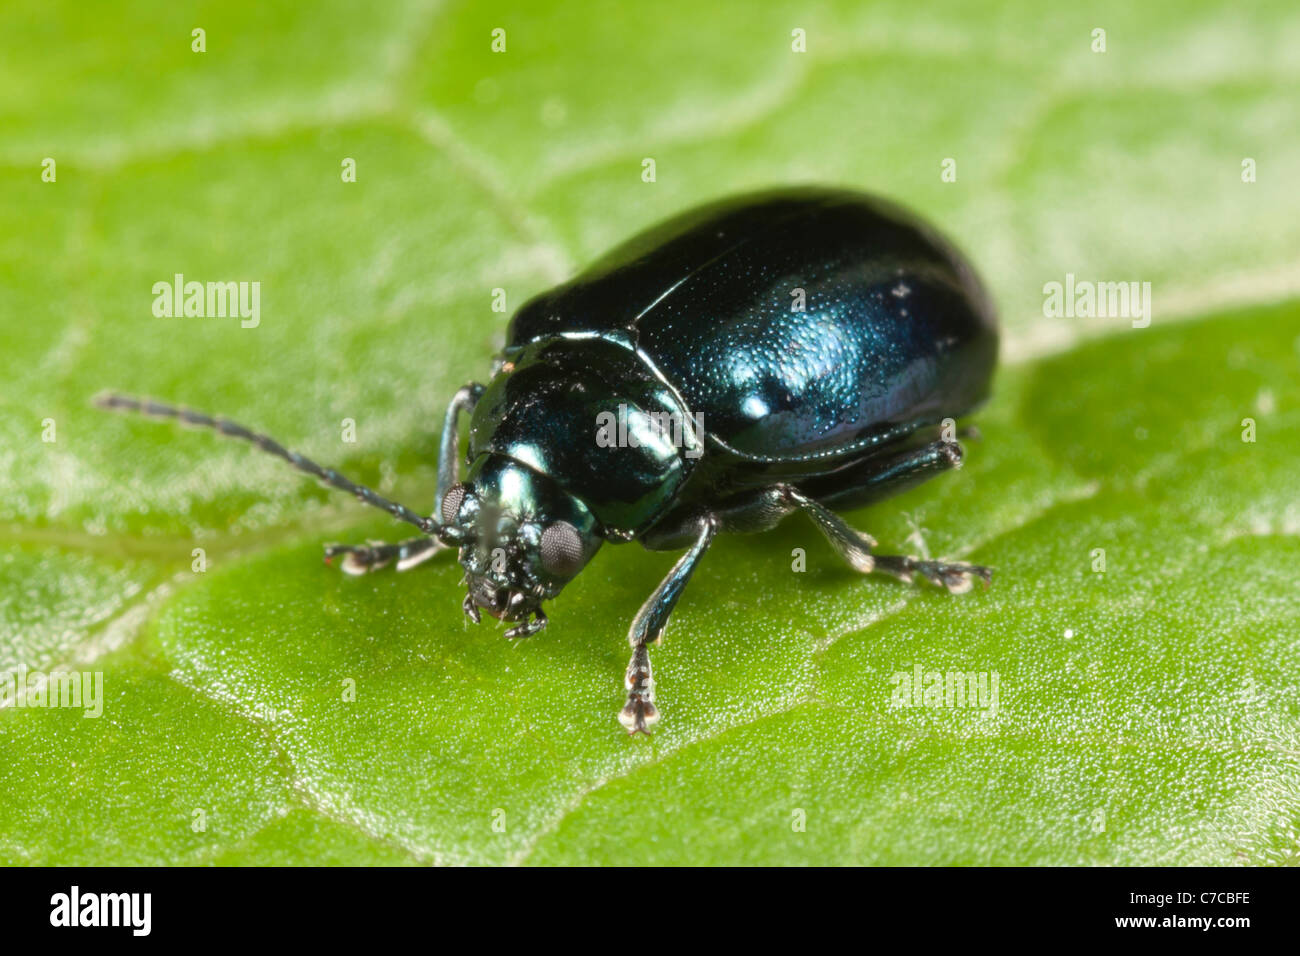 Flea Beetle (Altica SP.) auf einem Blatt Knoblauchsrauke Stockfoto